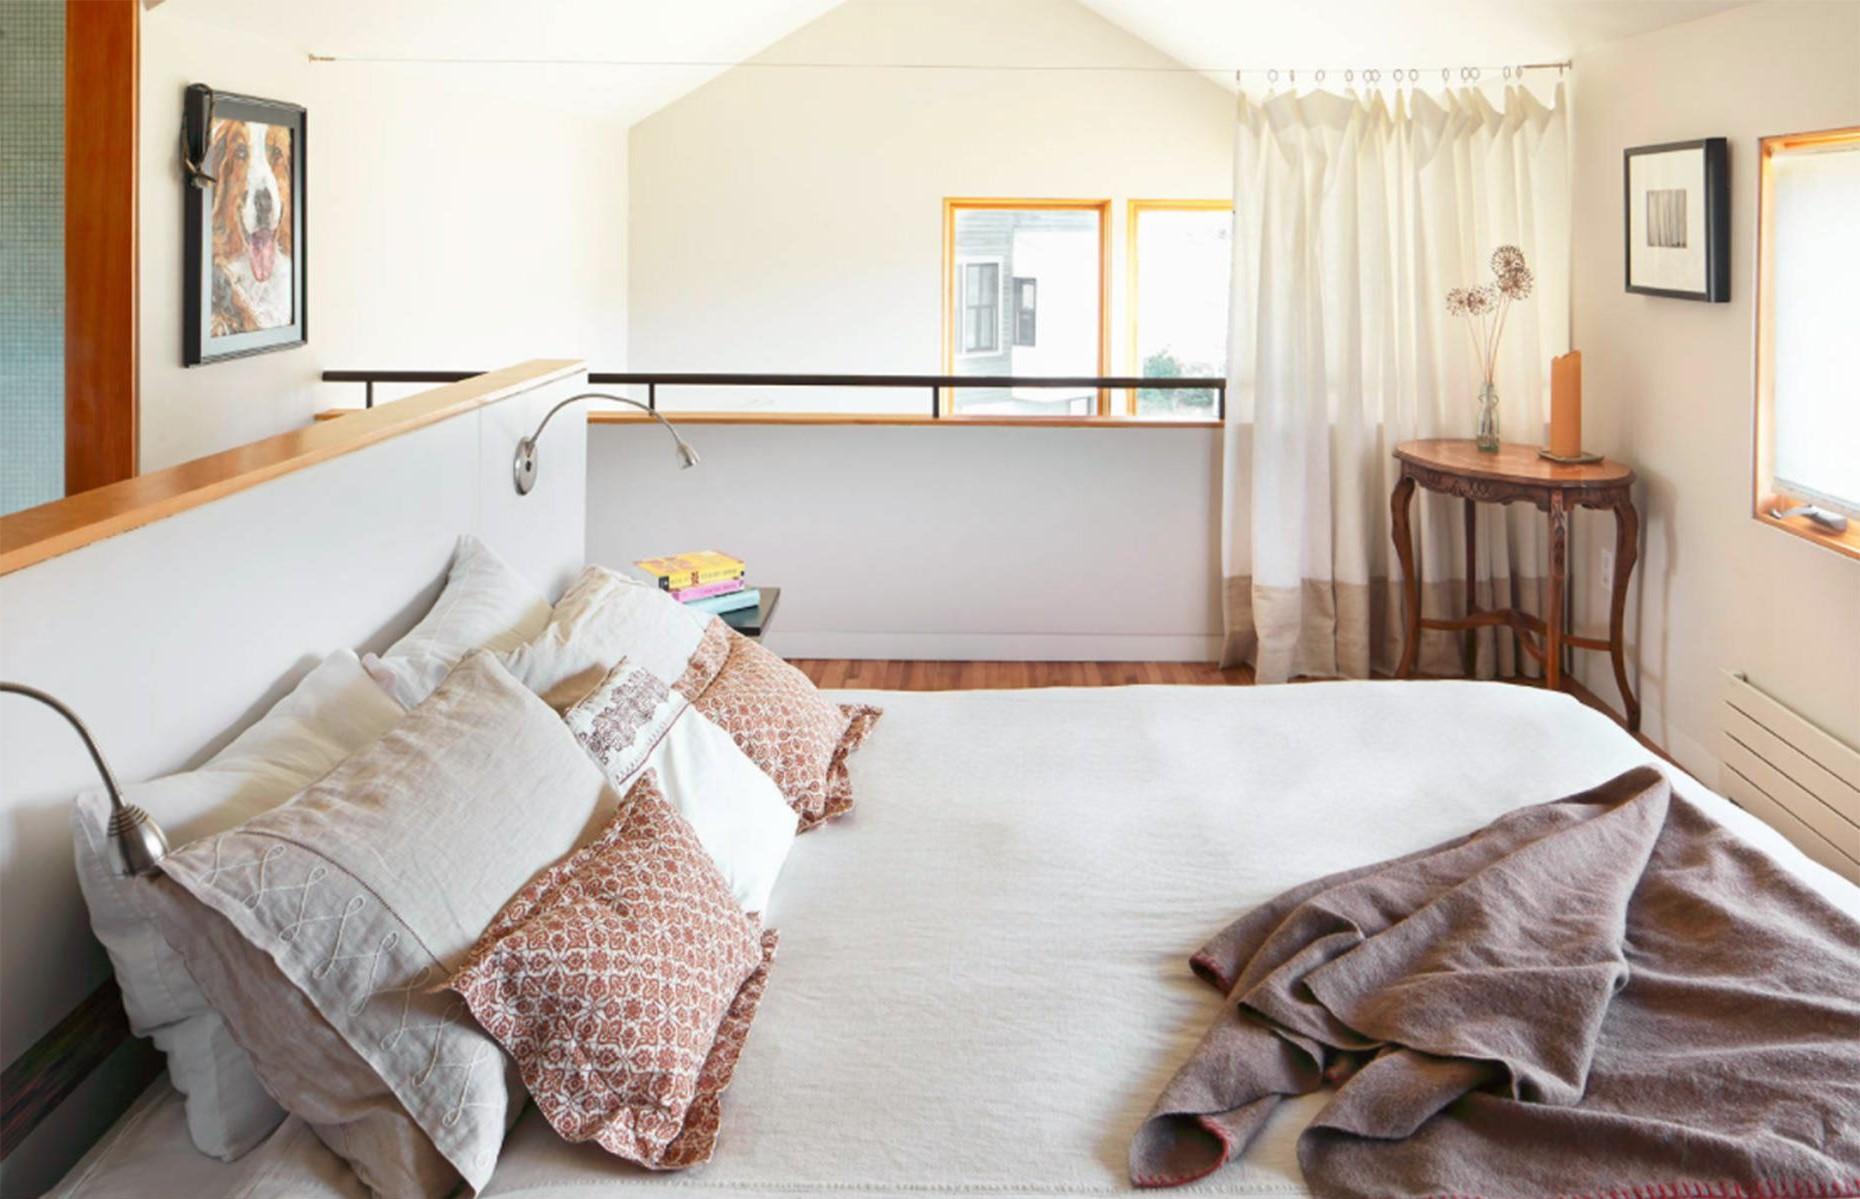 Ajoutez une touche d'intimité supplémentaire en introduisant un rideau dans une chambre à coucher ouverte.